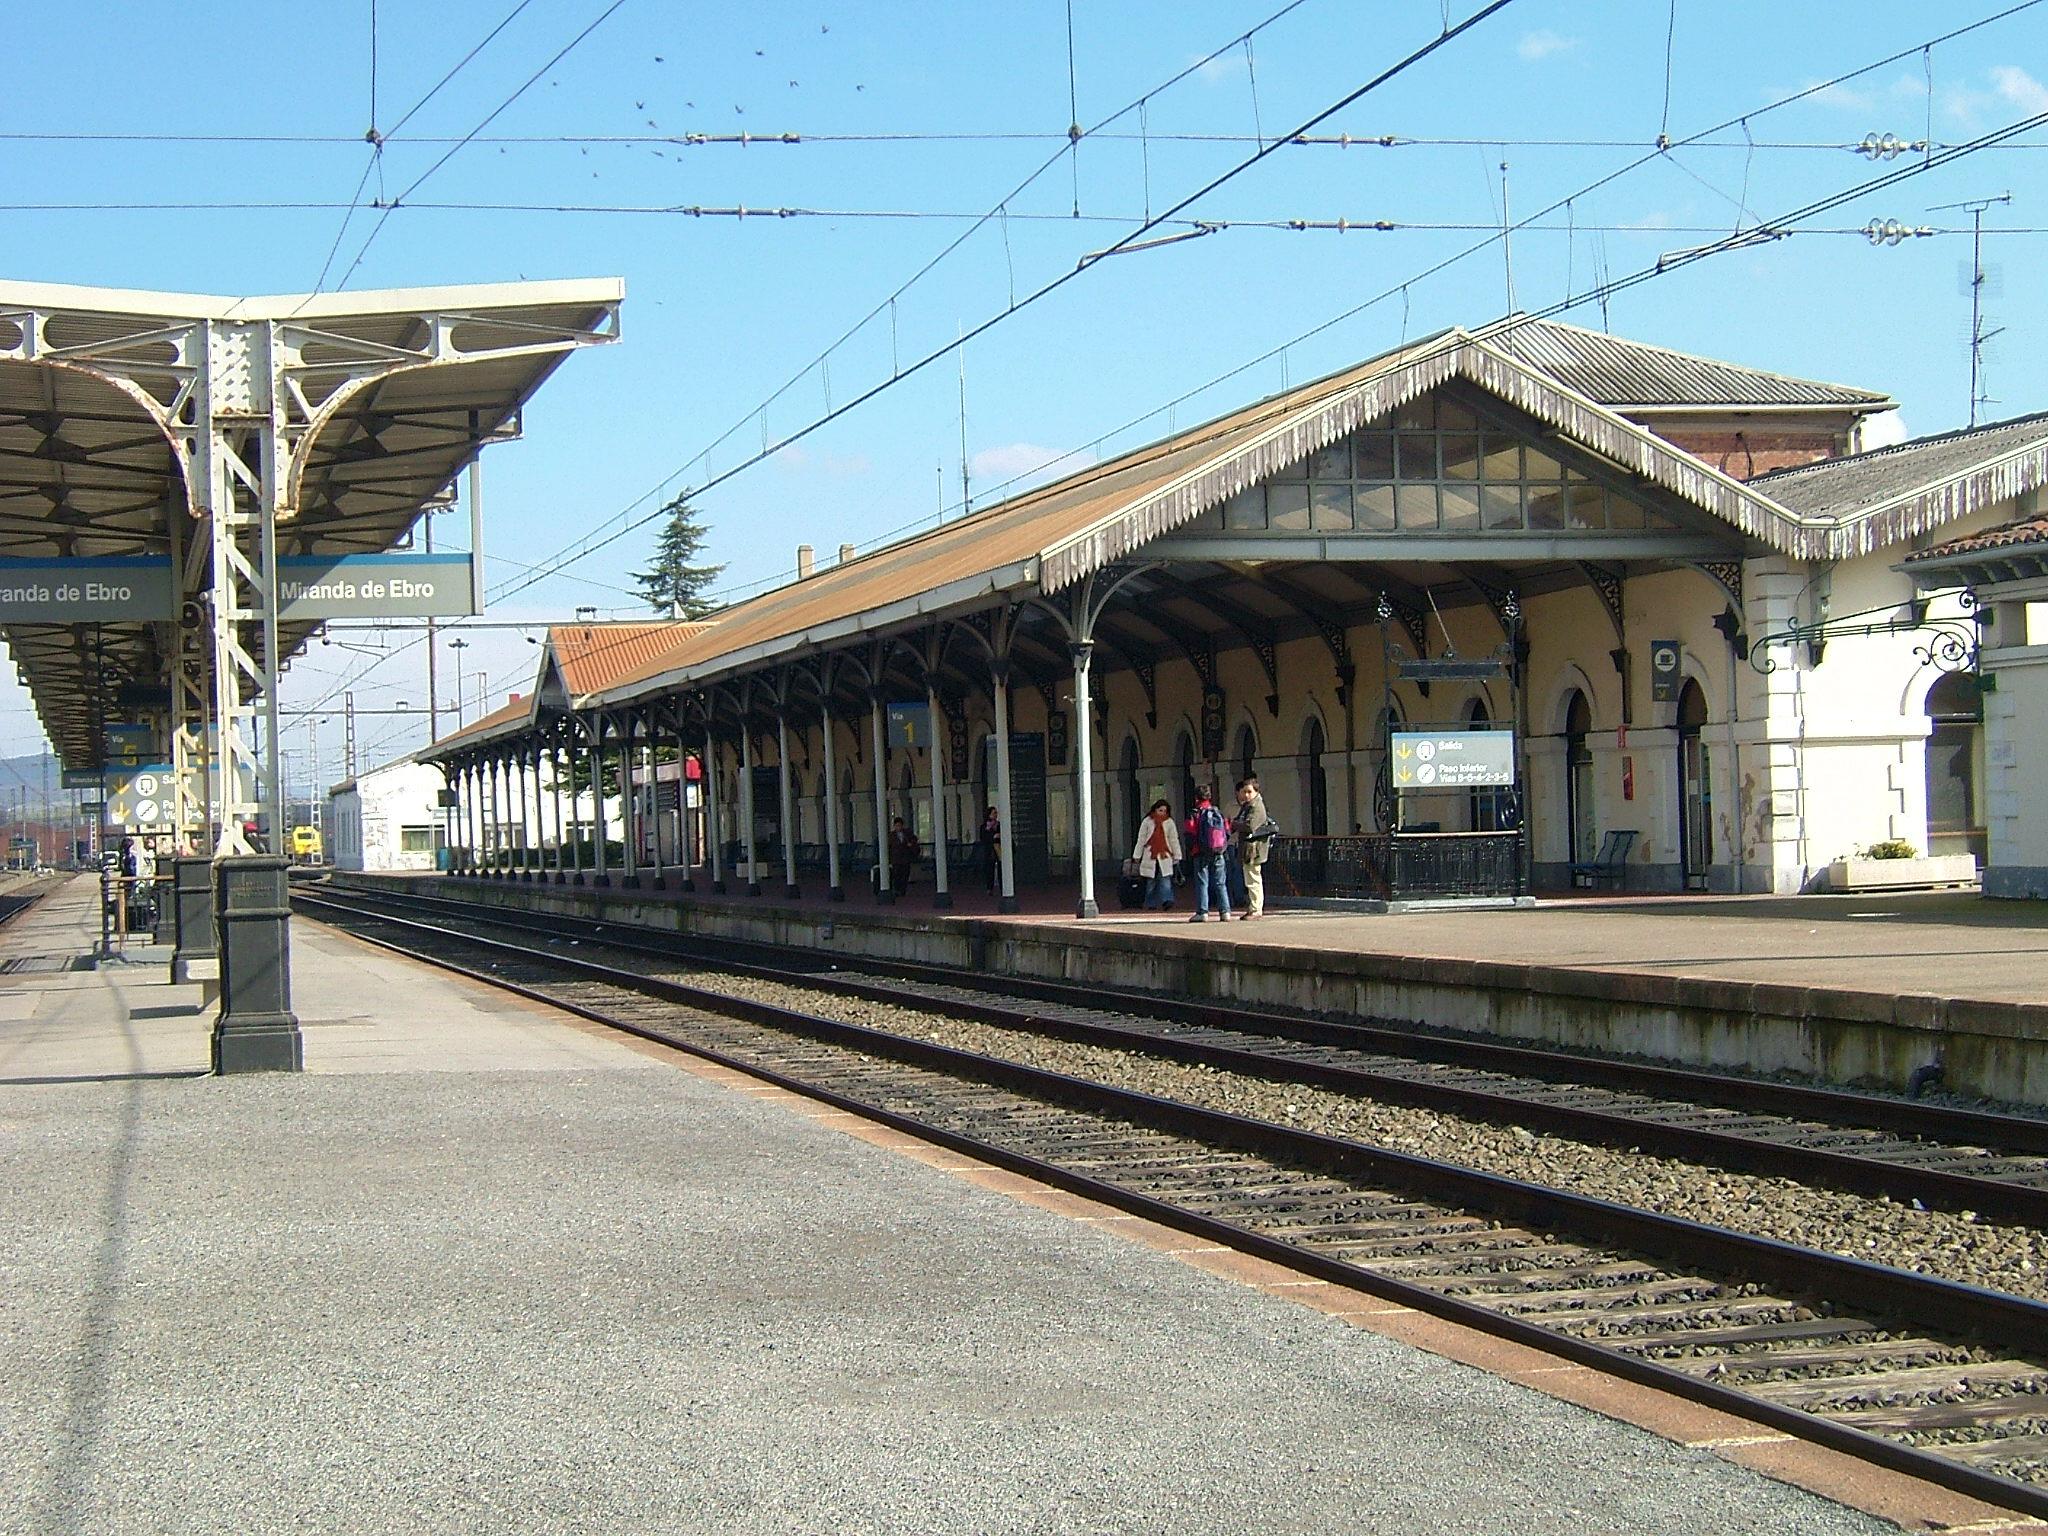 estacion de trenes de burgos: